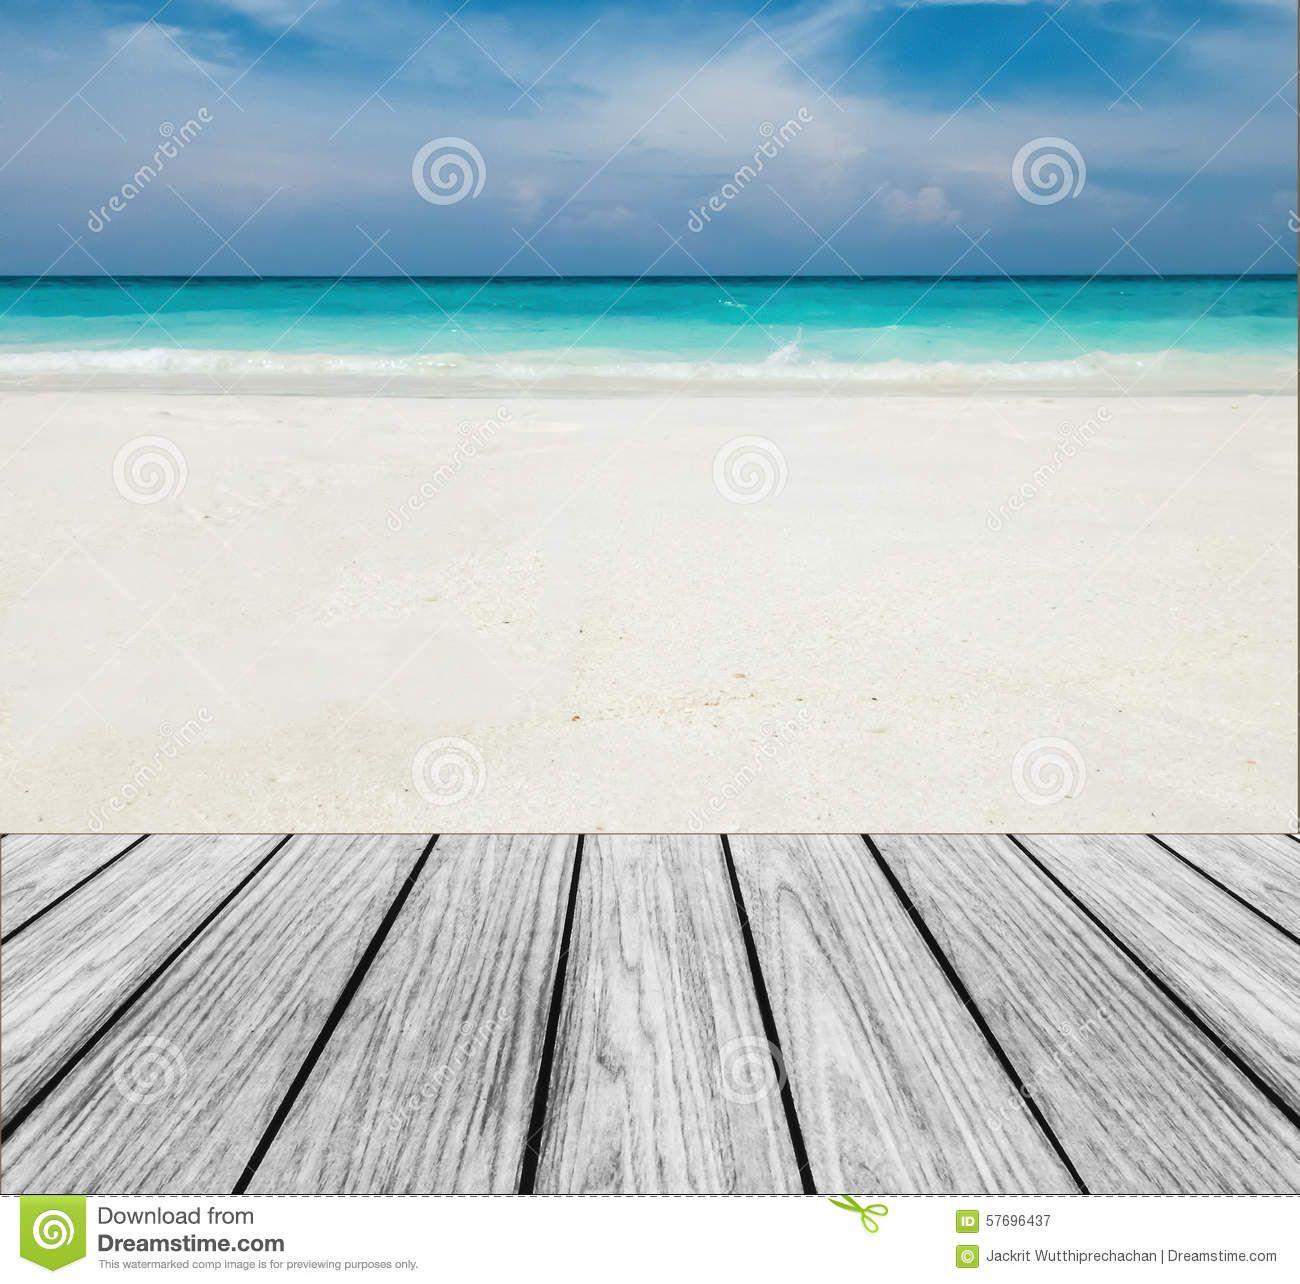 Terraza De Madera En La Playa Con El Cielo Claro El Mar